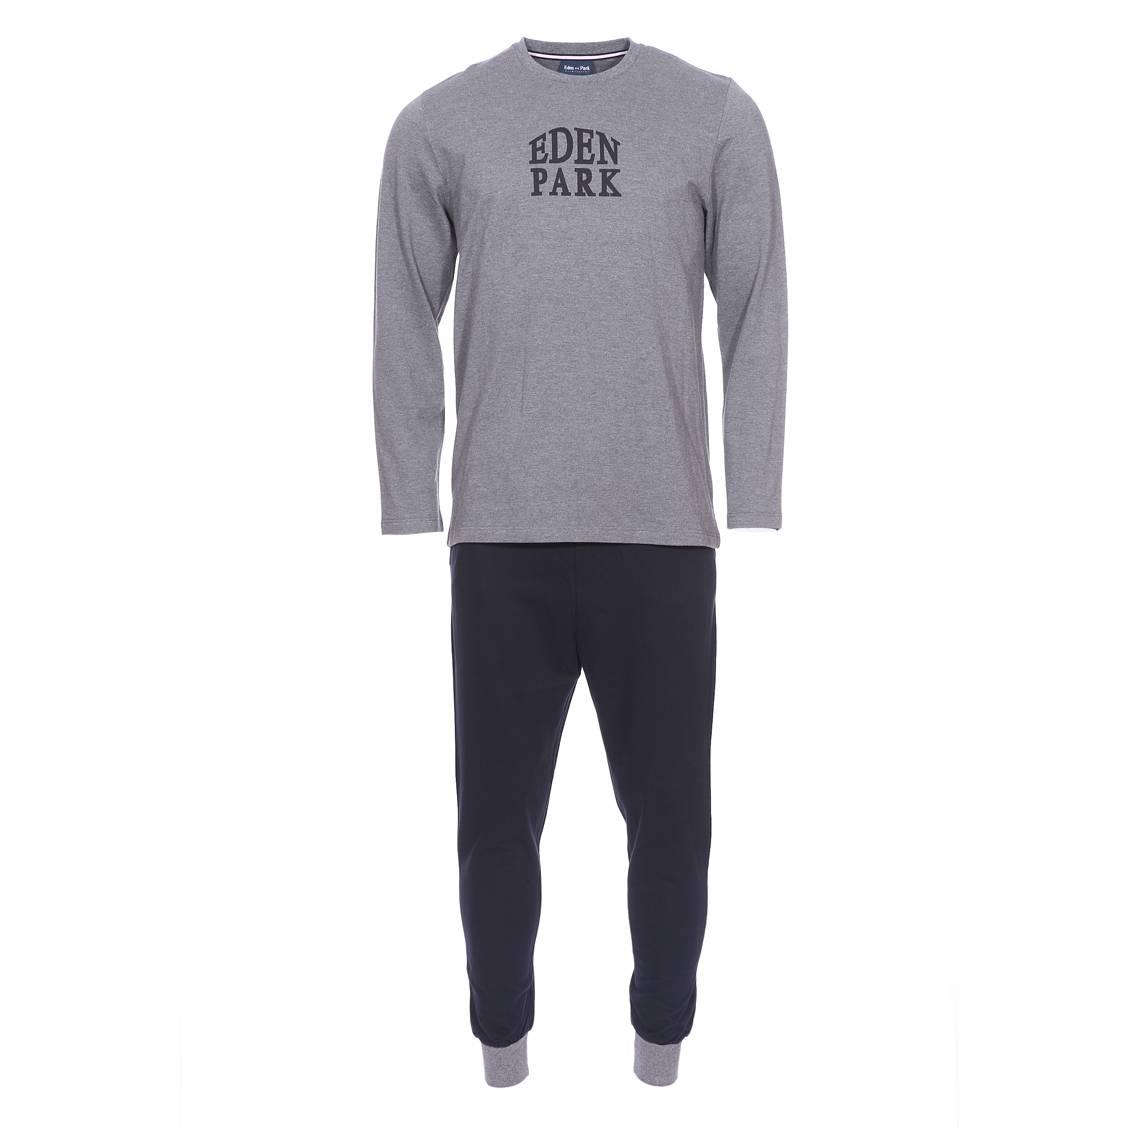 pyjama long eden park en coton tee shirt manches longues col rond gris et pantalon bleu marine. Black Bedroom Furniture Sets. Home Design Ideas